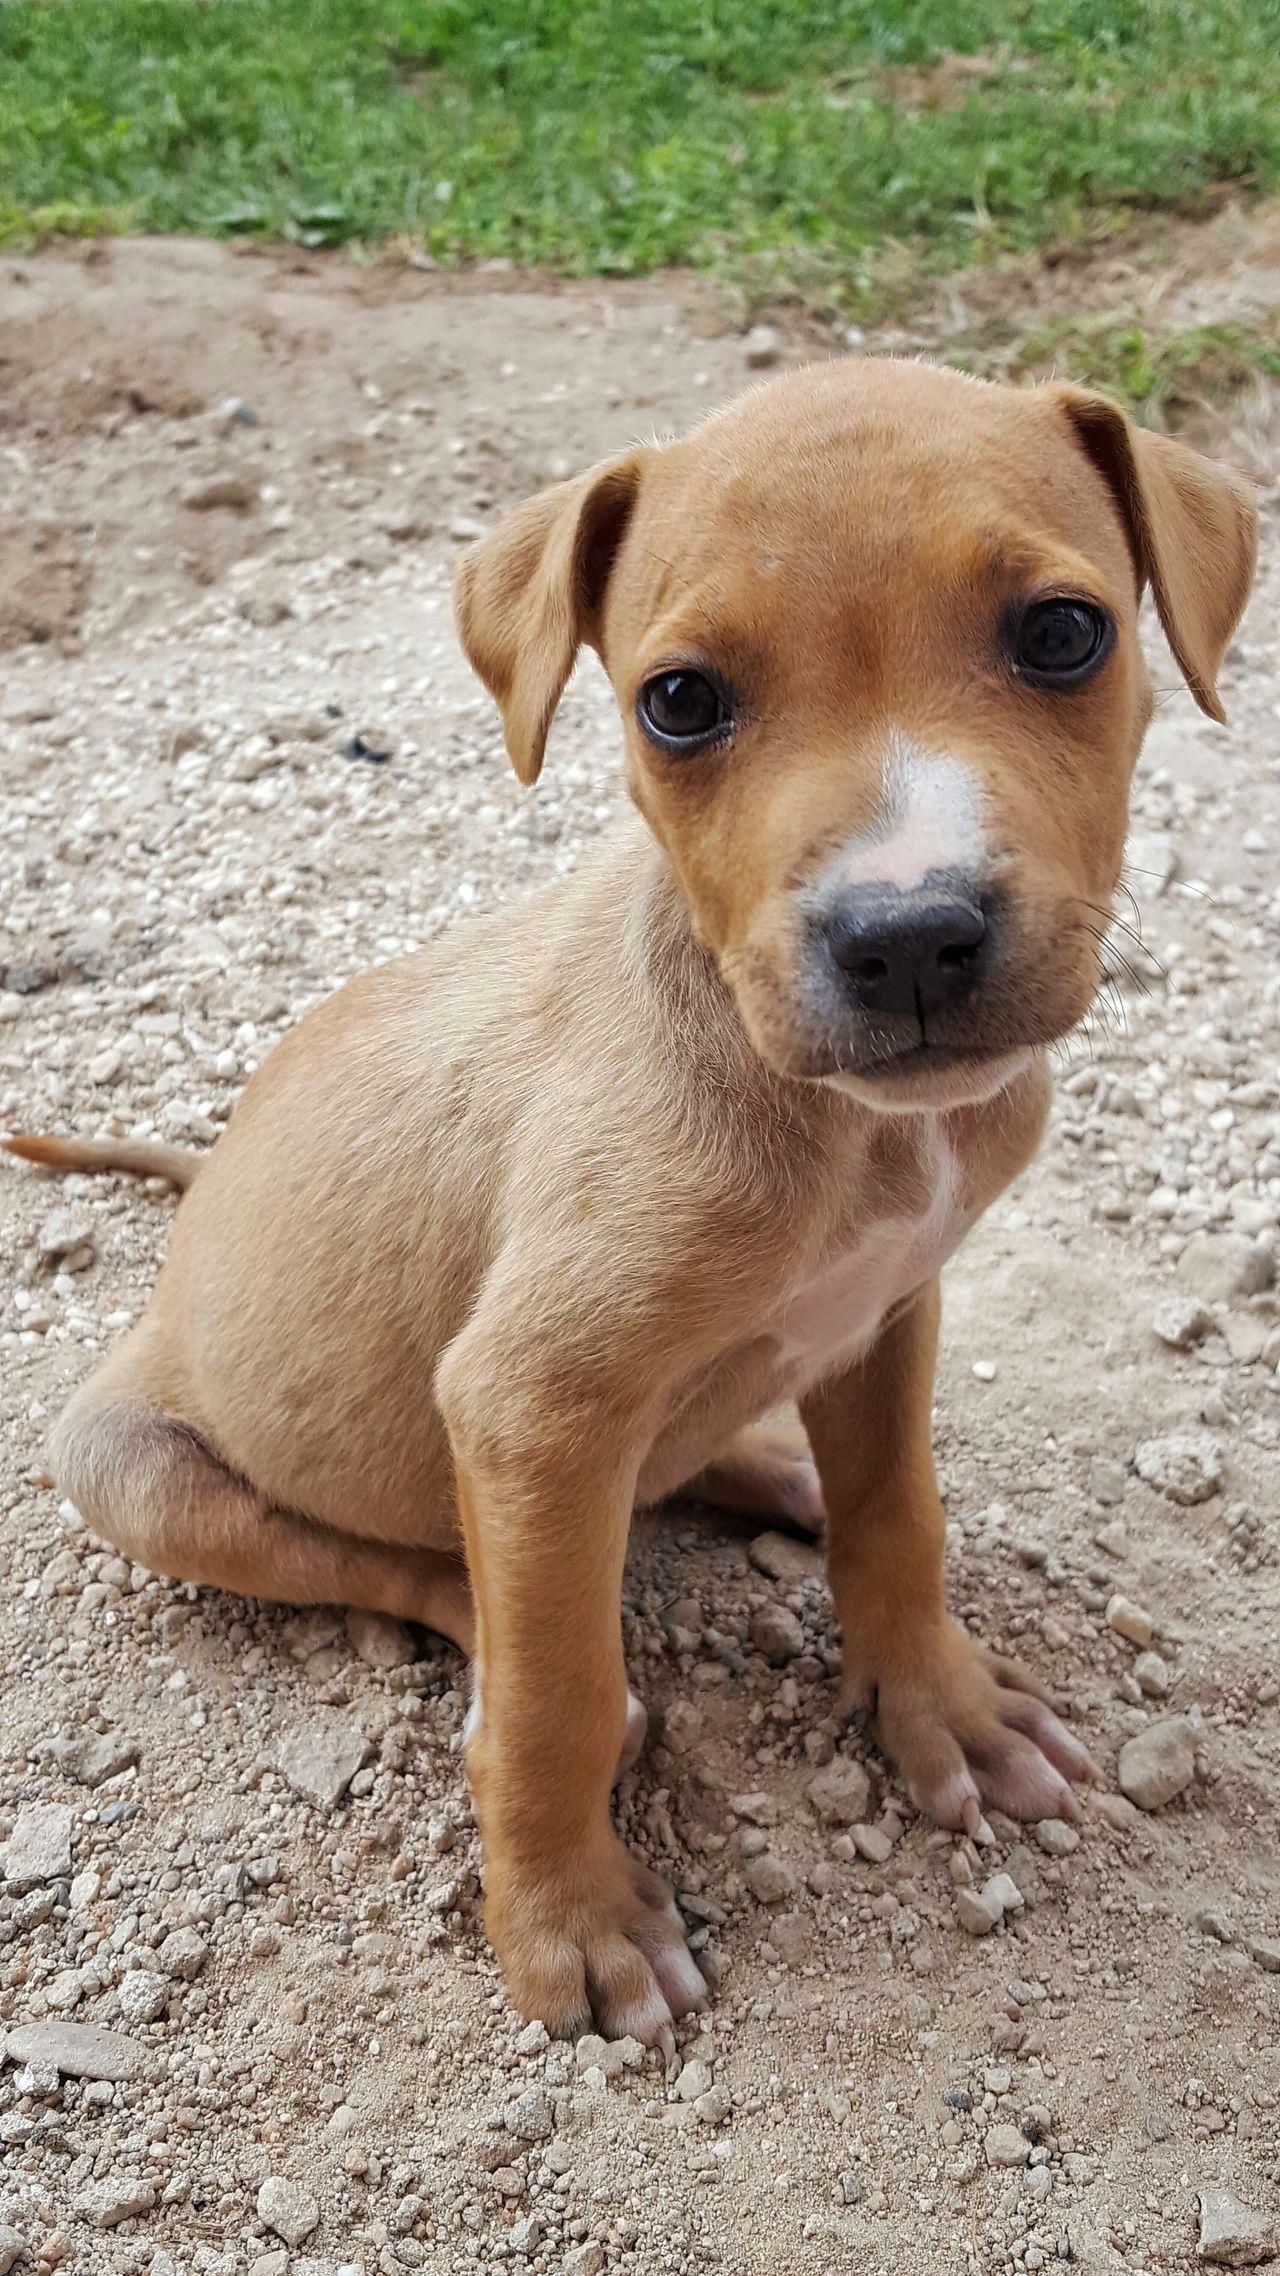 Puppye Poser ❤ Dog Pitbull Guard Pitbulllover Pitbull♥ Love Delicious Outdorphotography